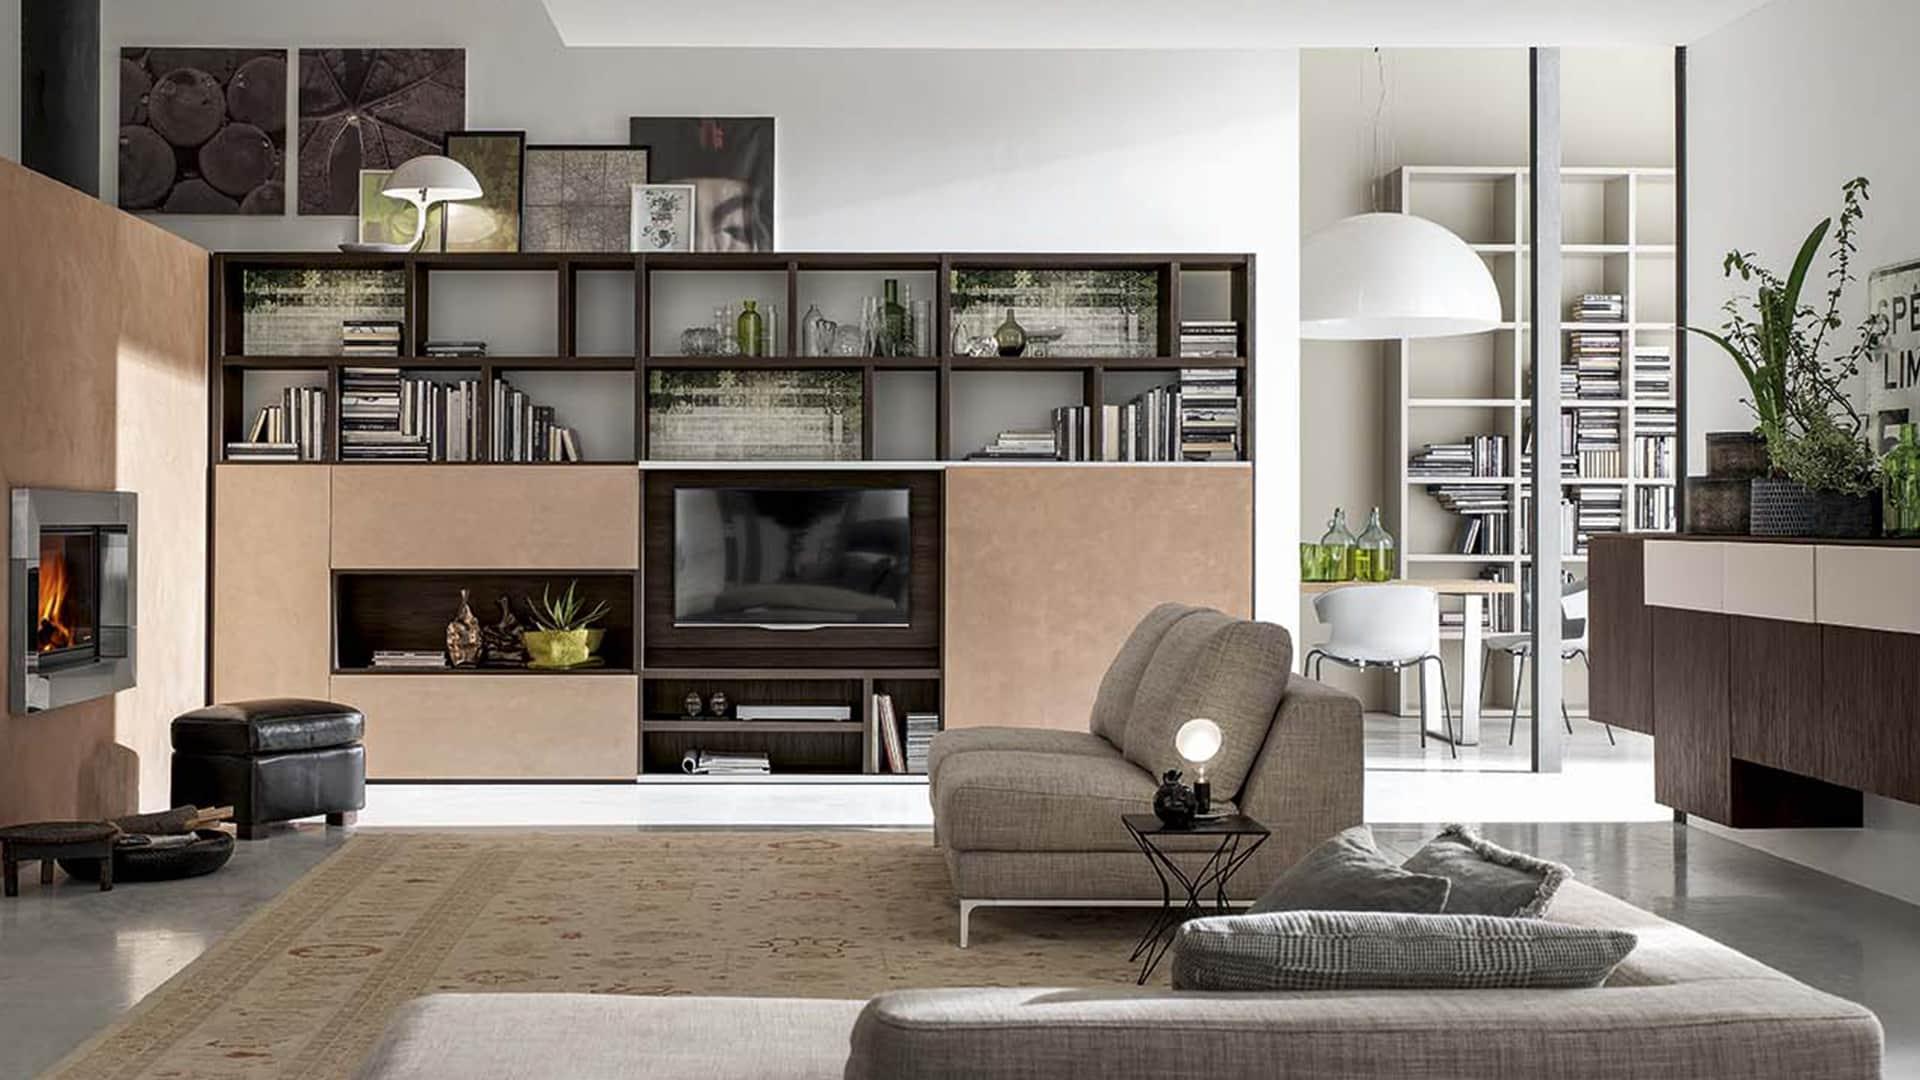 Vendita di mobili per soggiorno a padova mobili da - Mobili classici moderni ...